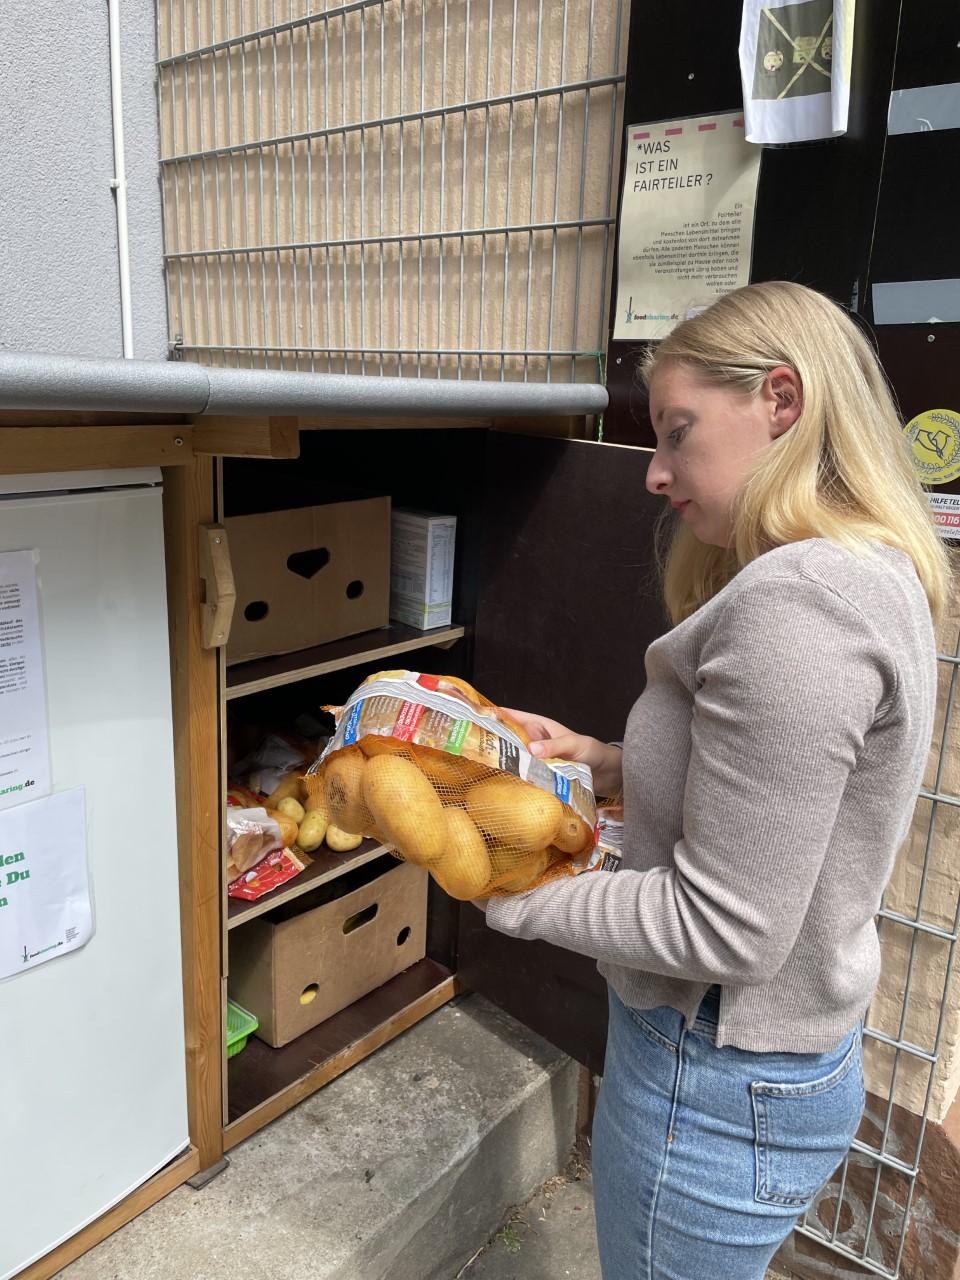 Heute Abend gibt es bei Ricarda Kupzok (26) ein Kartoffel-Gericht.